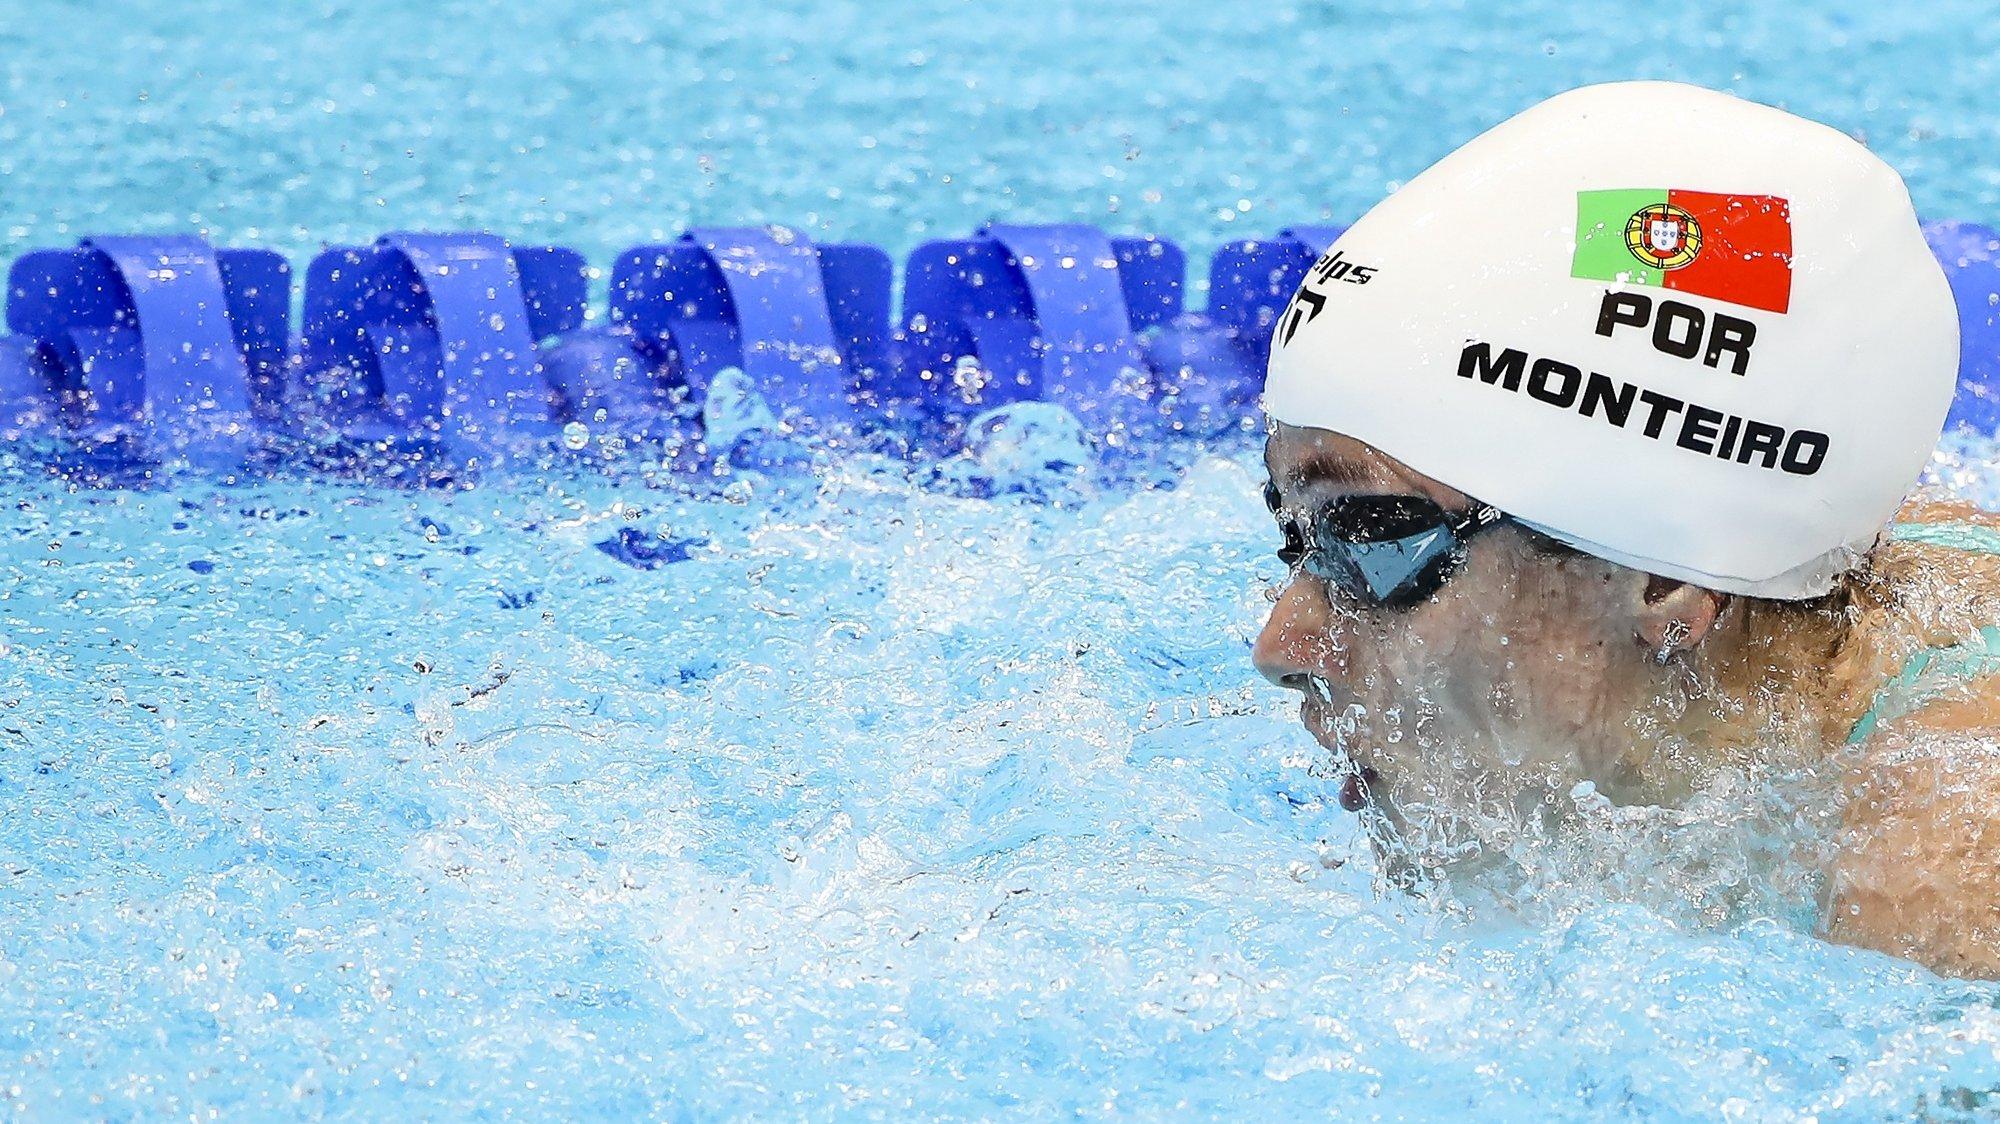 A nadadora portuguesa Ana Catarina Monteiro em ação durante a prova de qualificação dos 200 metros mariposa dos Jogos Olímpicos Tóquio2020, Japão, 27 de julho de 2021. A portuguesa de 27 anos avançou na qualificação ao conseguir o 14.º melhor tempo (2.11,45) na estreia em Jogos Olímpicos. JOSÉ COELHO/LUSA